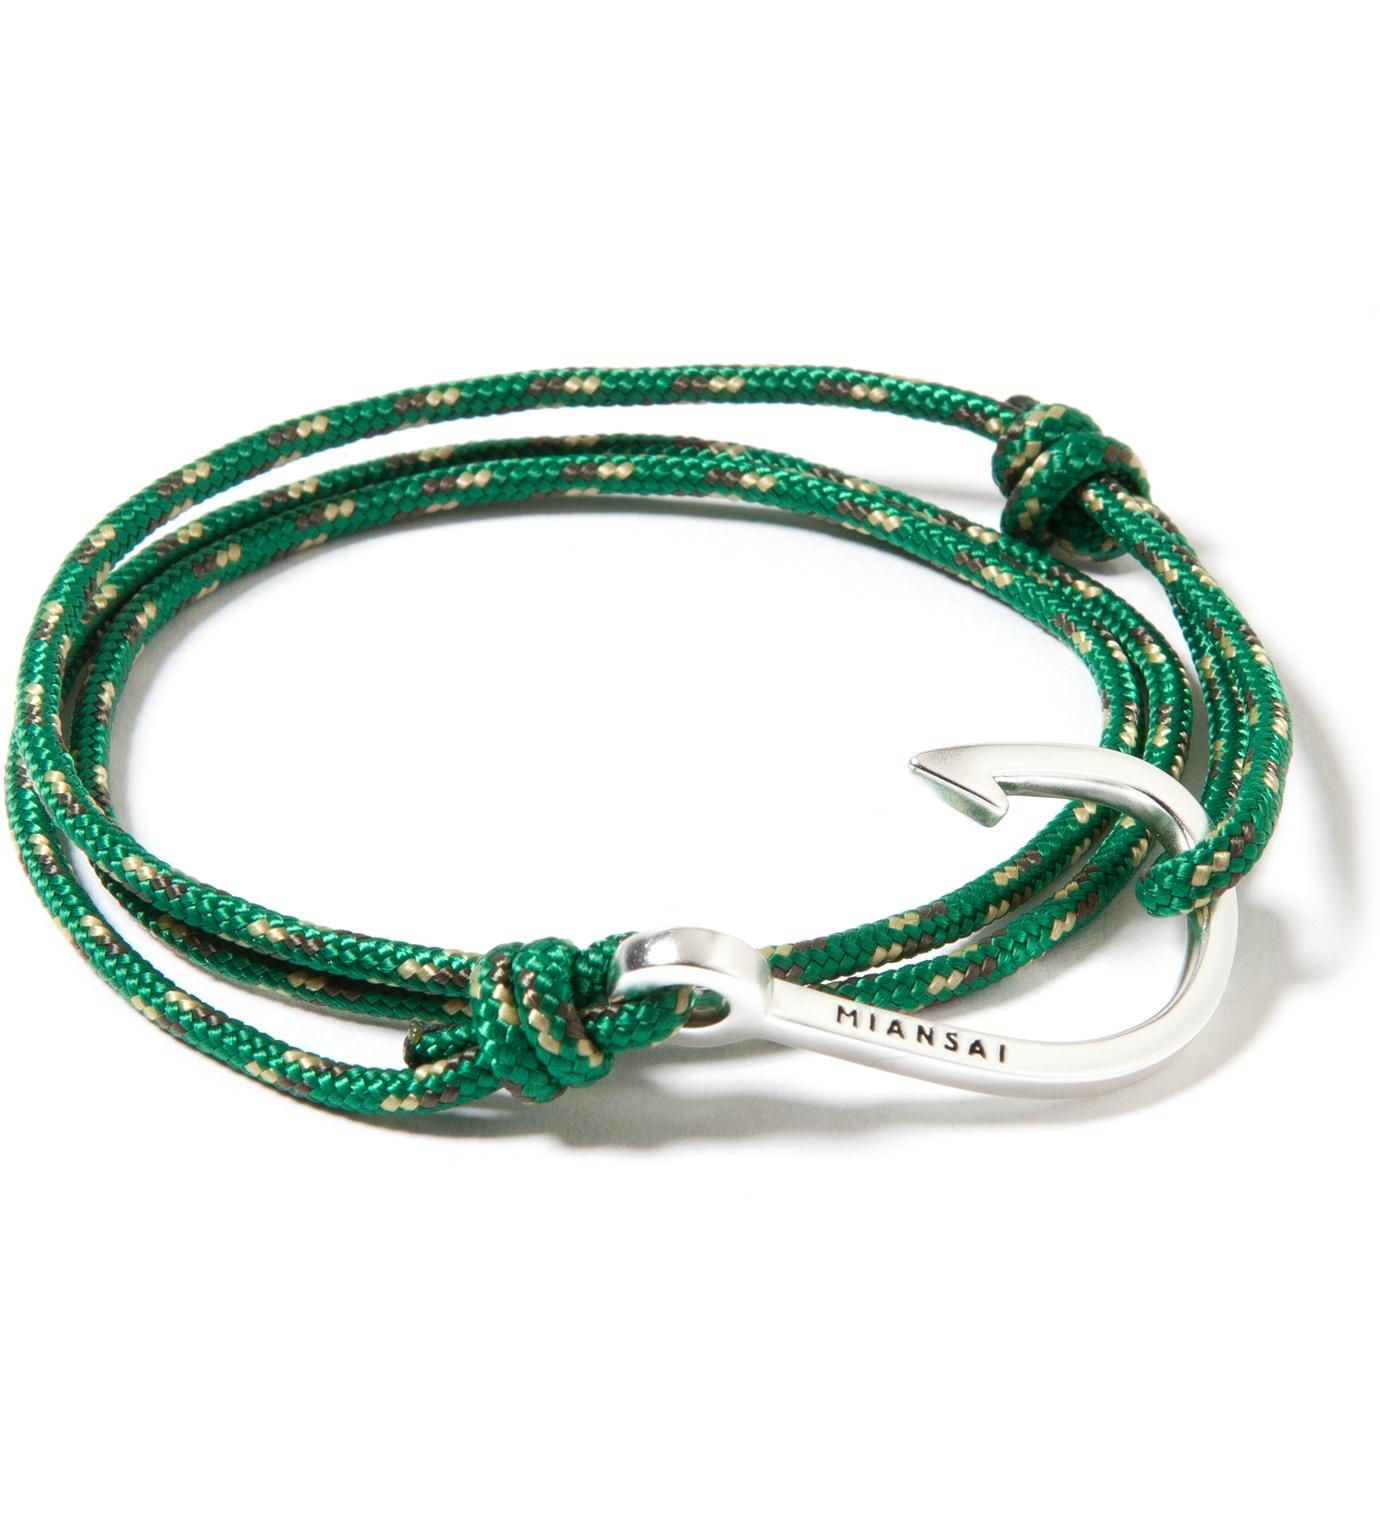 Miansai Silver Hook on Green Rope Bracelet